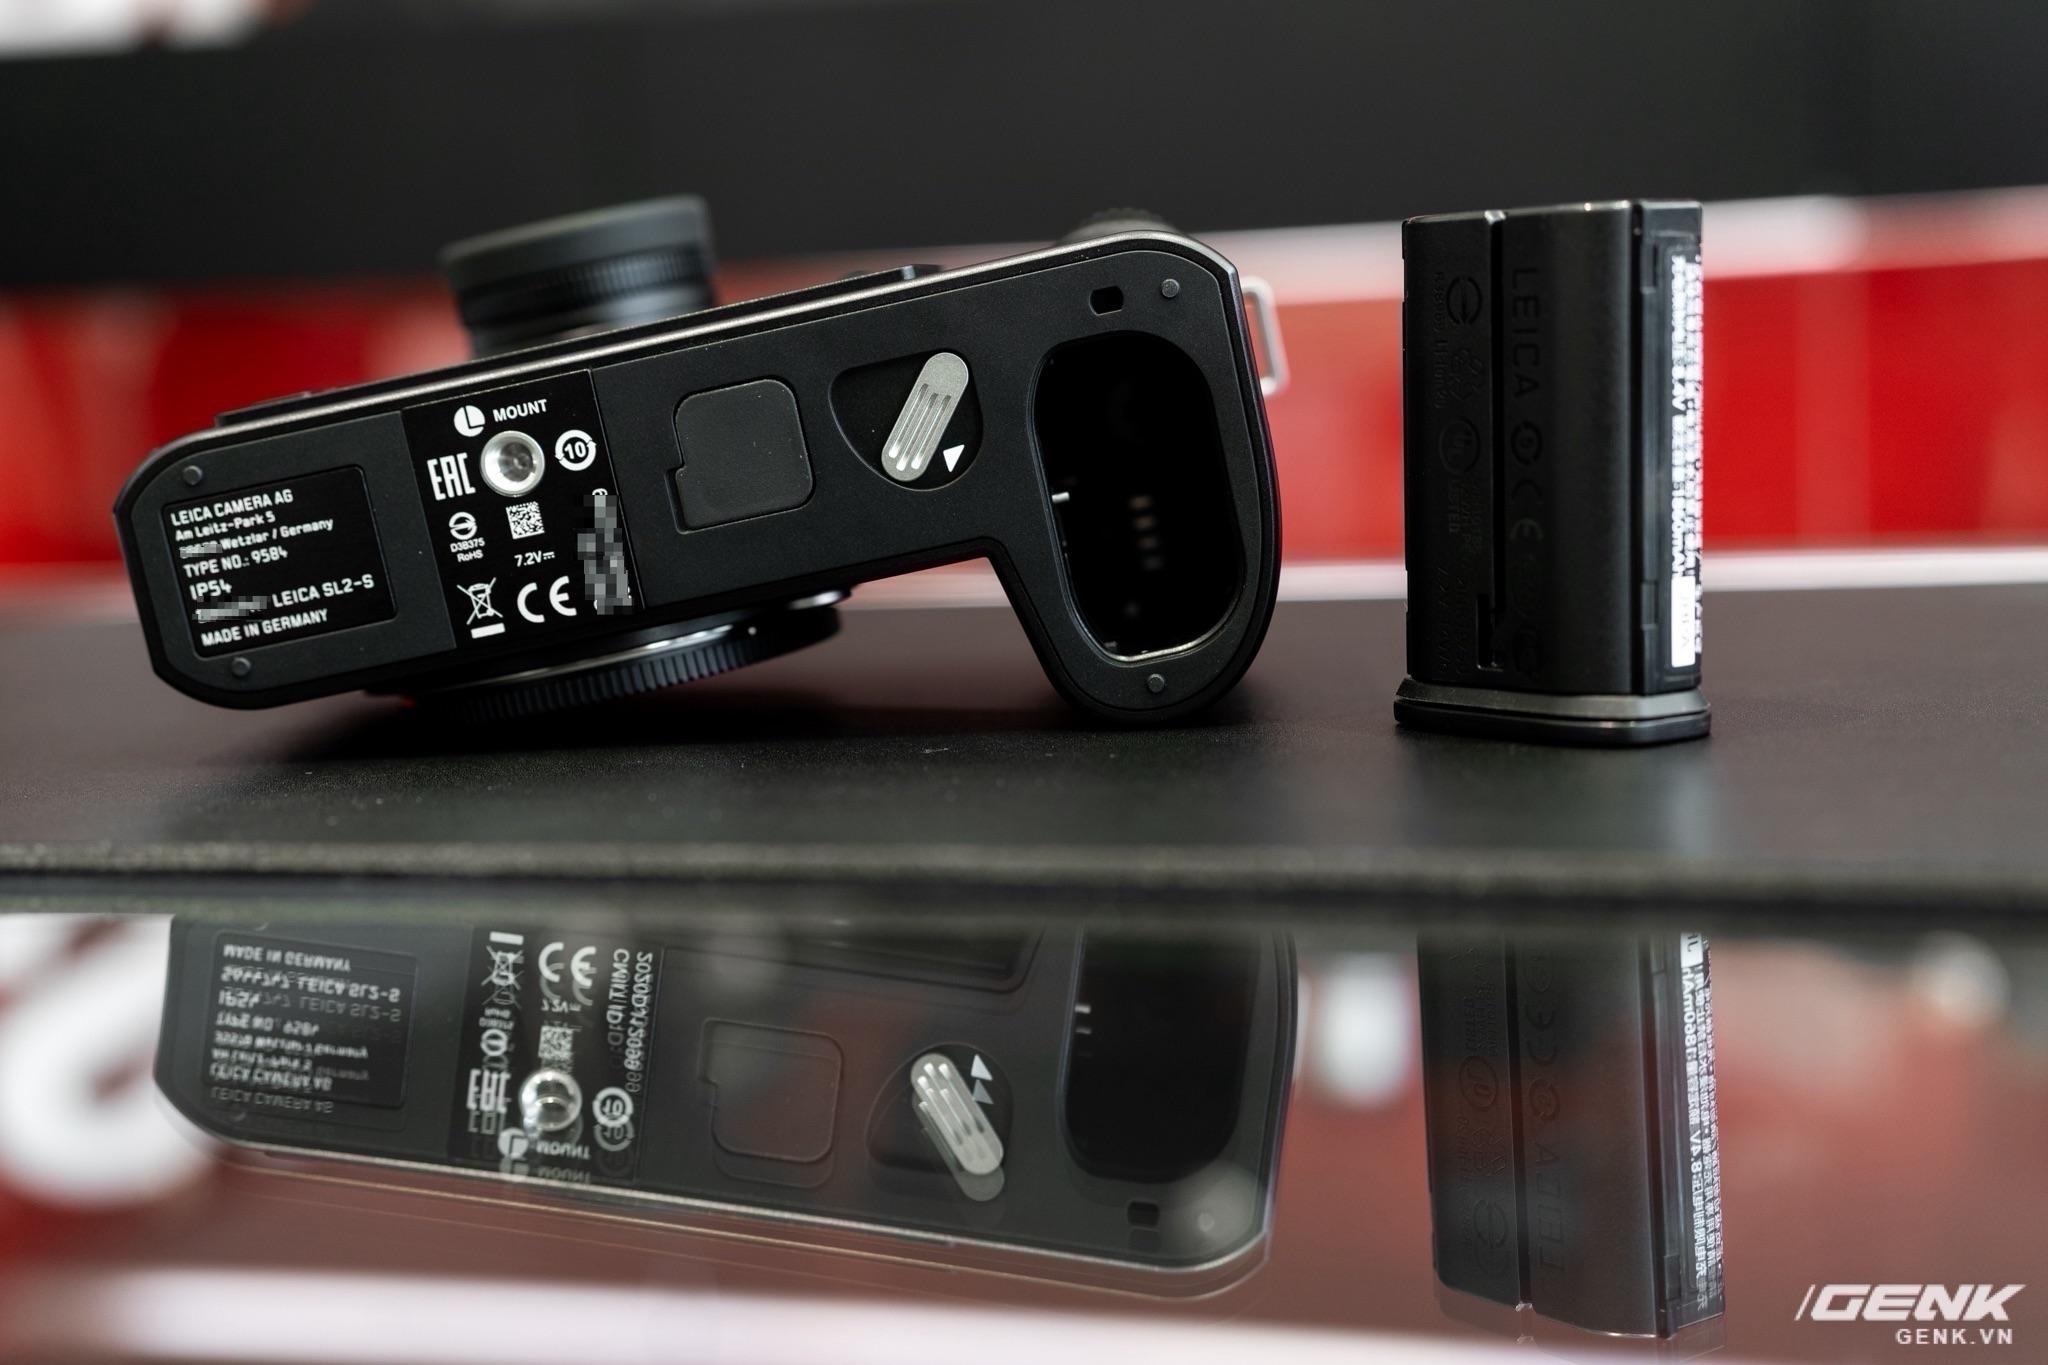 Đập hộp Leica SL2-S Kit: Cảm biến Full-frame 24.6MP, quay phim 4K 10-bit, giá tiết kiệm được 27 triệu so với mua rời - Ảnh 10.